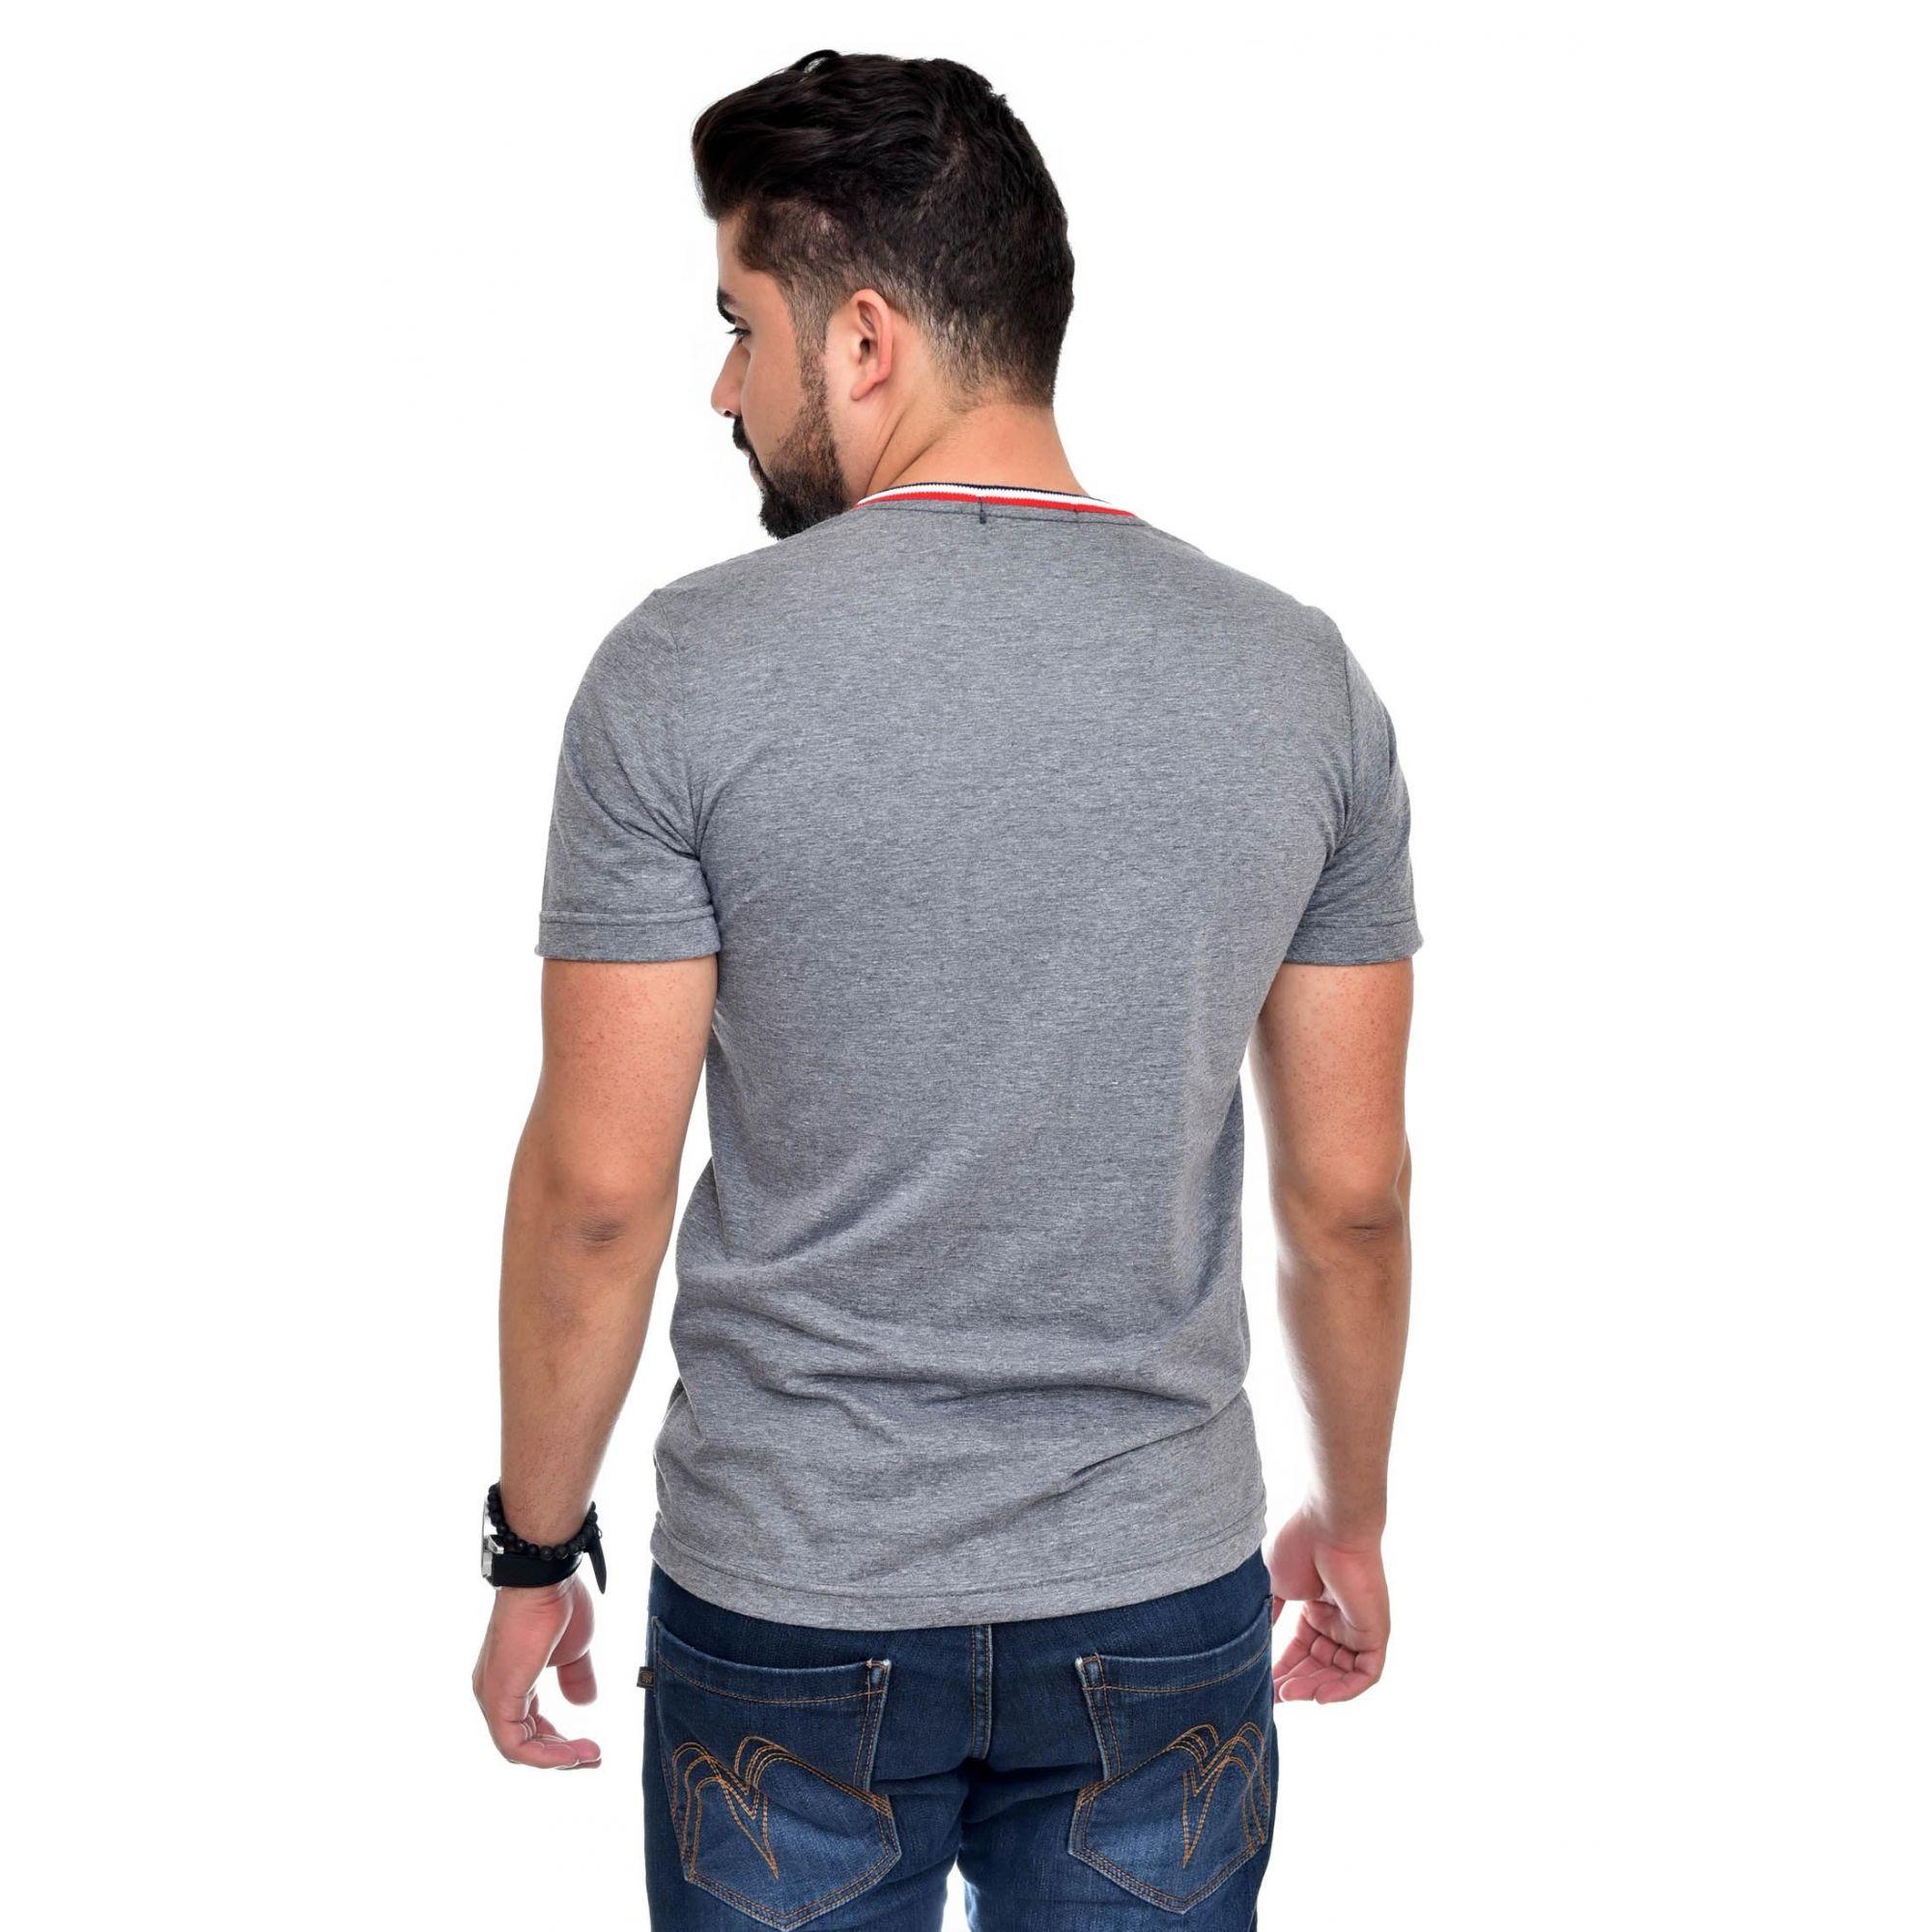 Camiseta RL Mescla Escuro TR  - Ca Brasileira